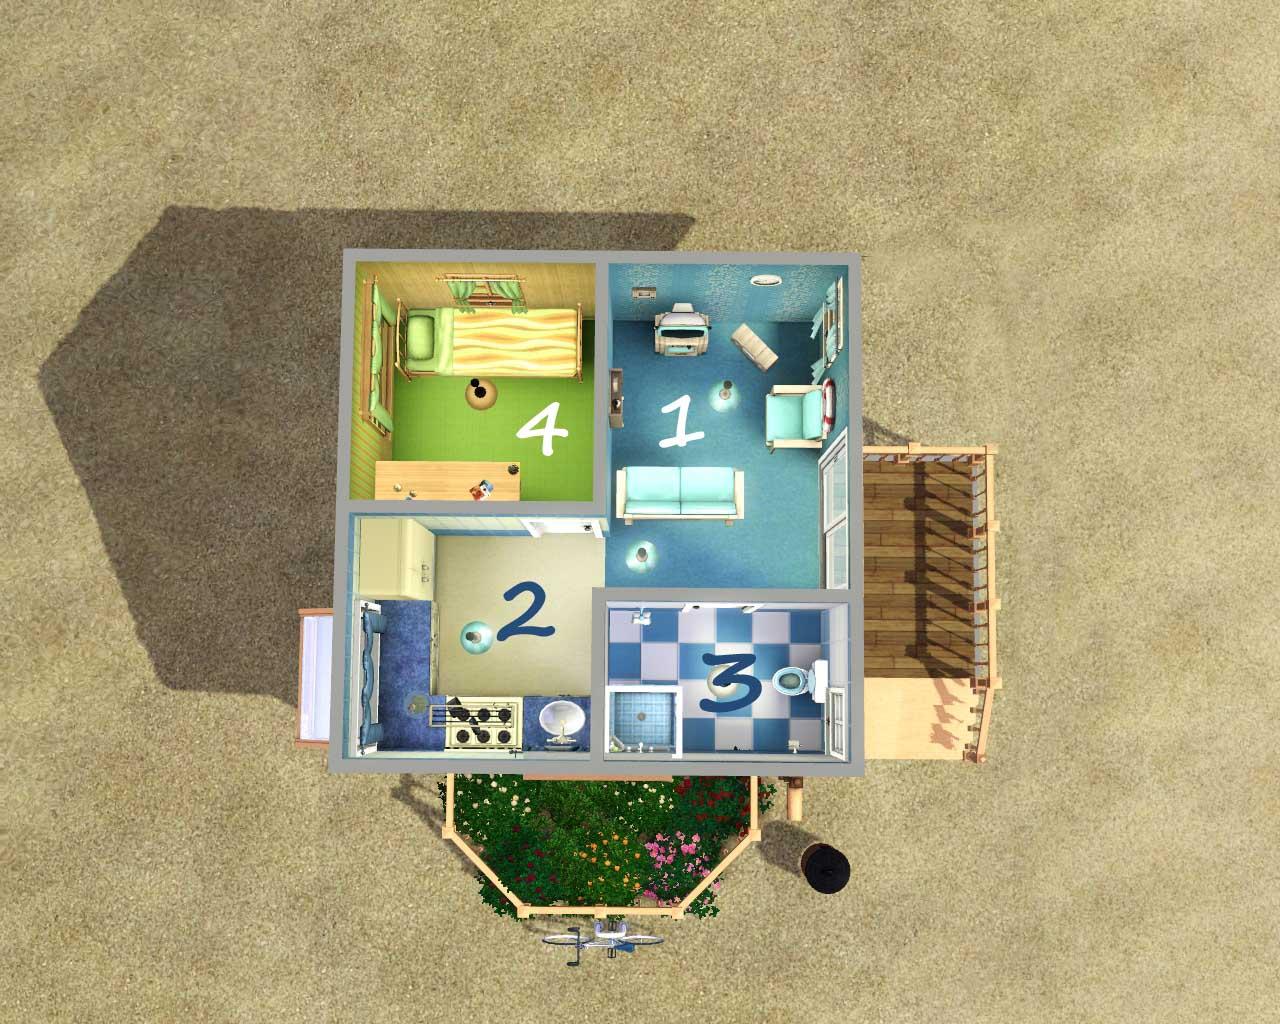 http://thumbs2.modthesims.info/img/4/0/0/7/8/0/5/MTS2_gabrielorie_1132455_Floorplans.jpg